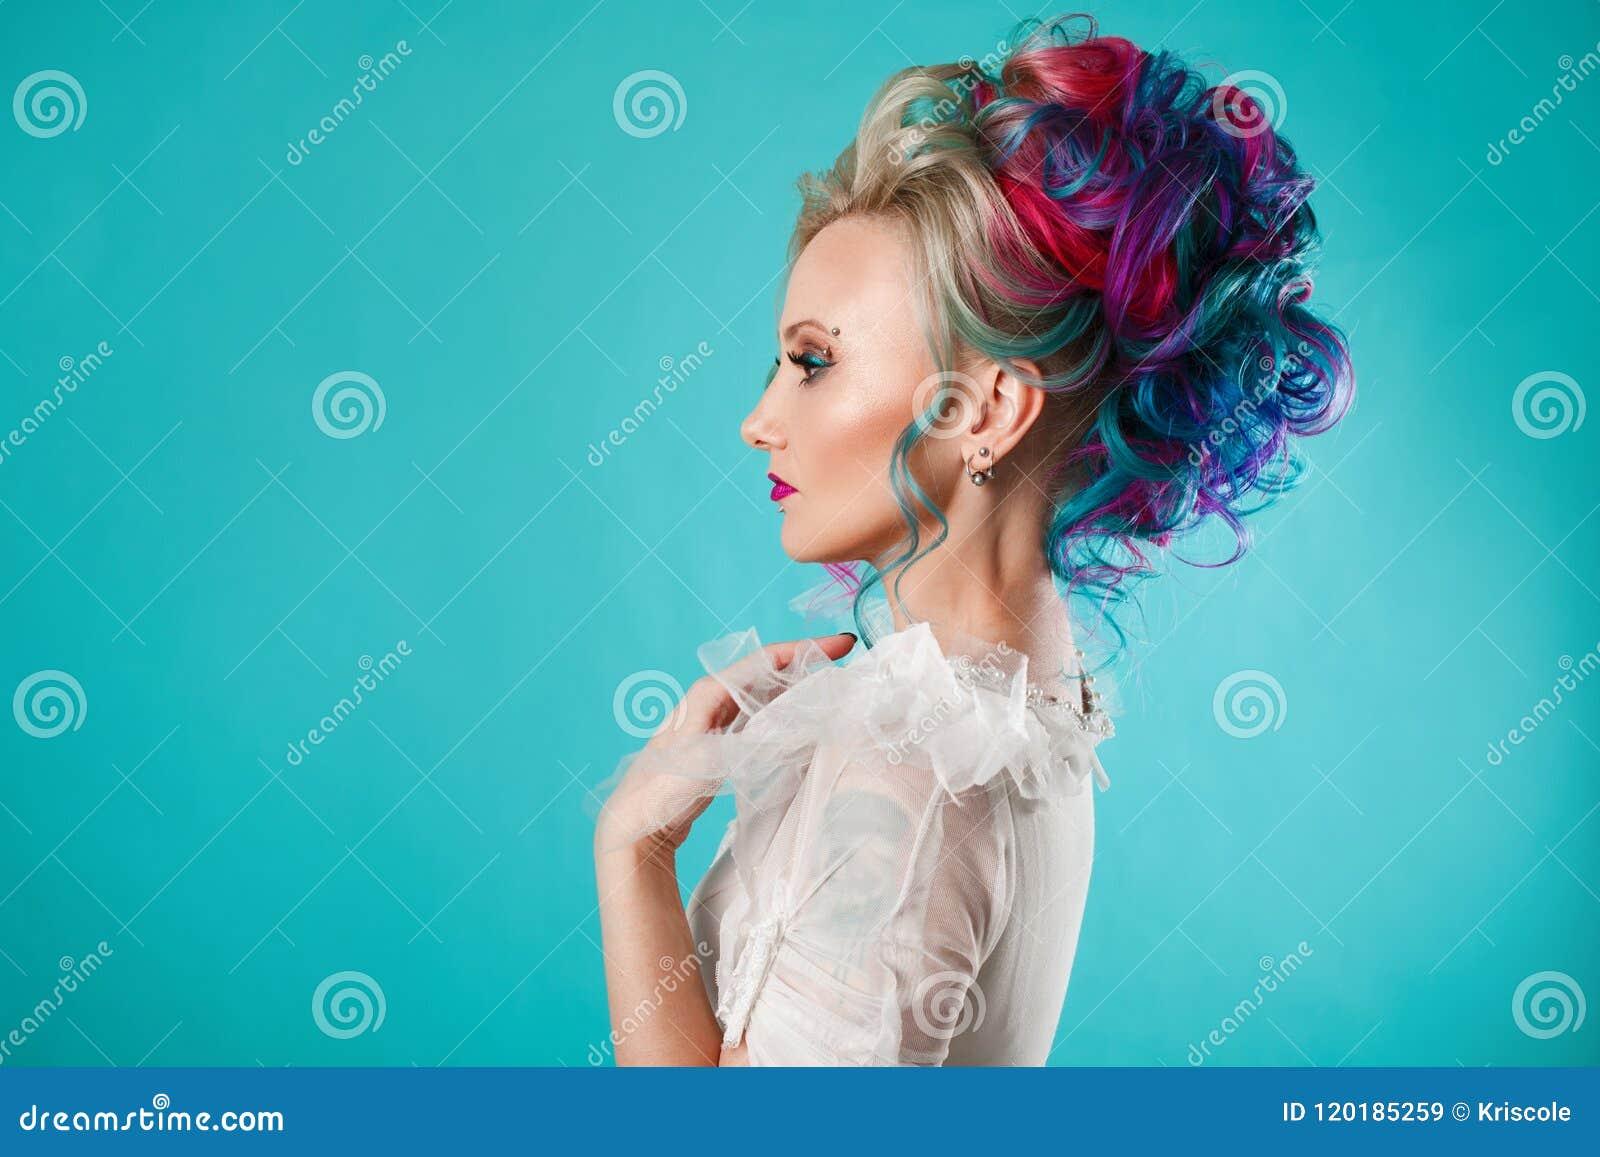 Красивая женщина с творческой расцветкой волос Стильный стиль причёсок, неофициальный стиль